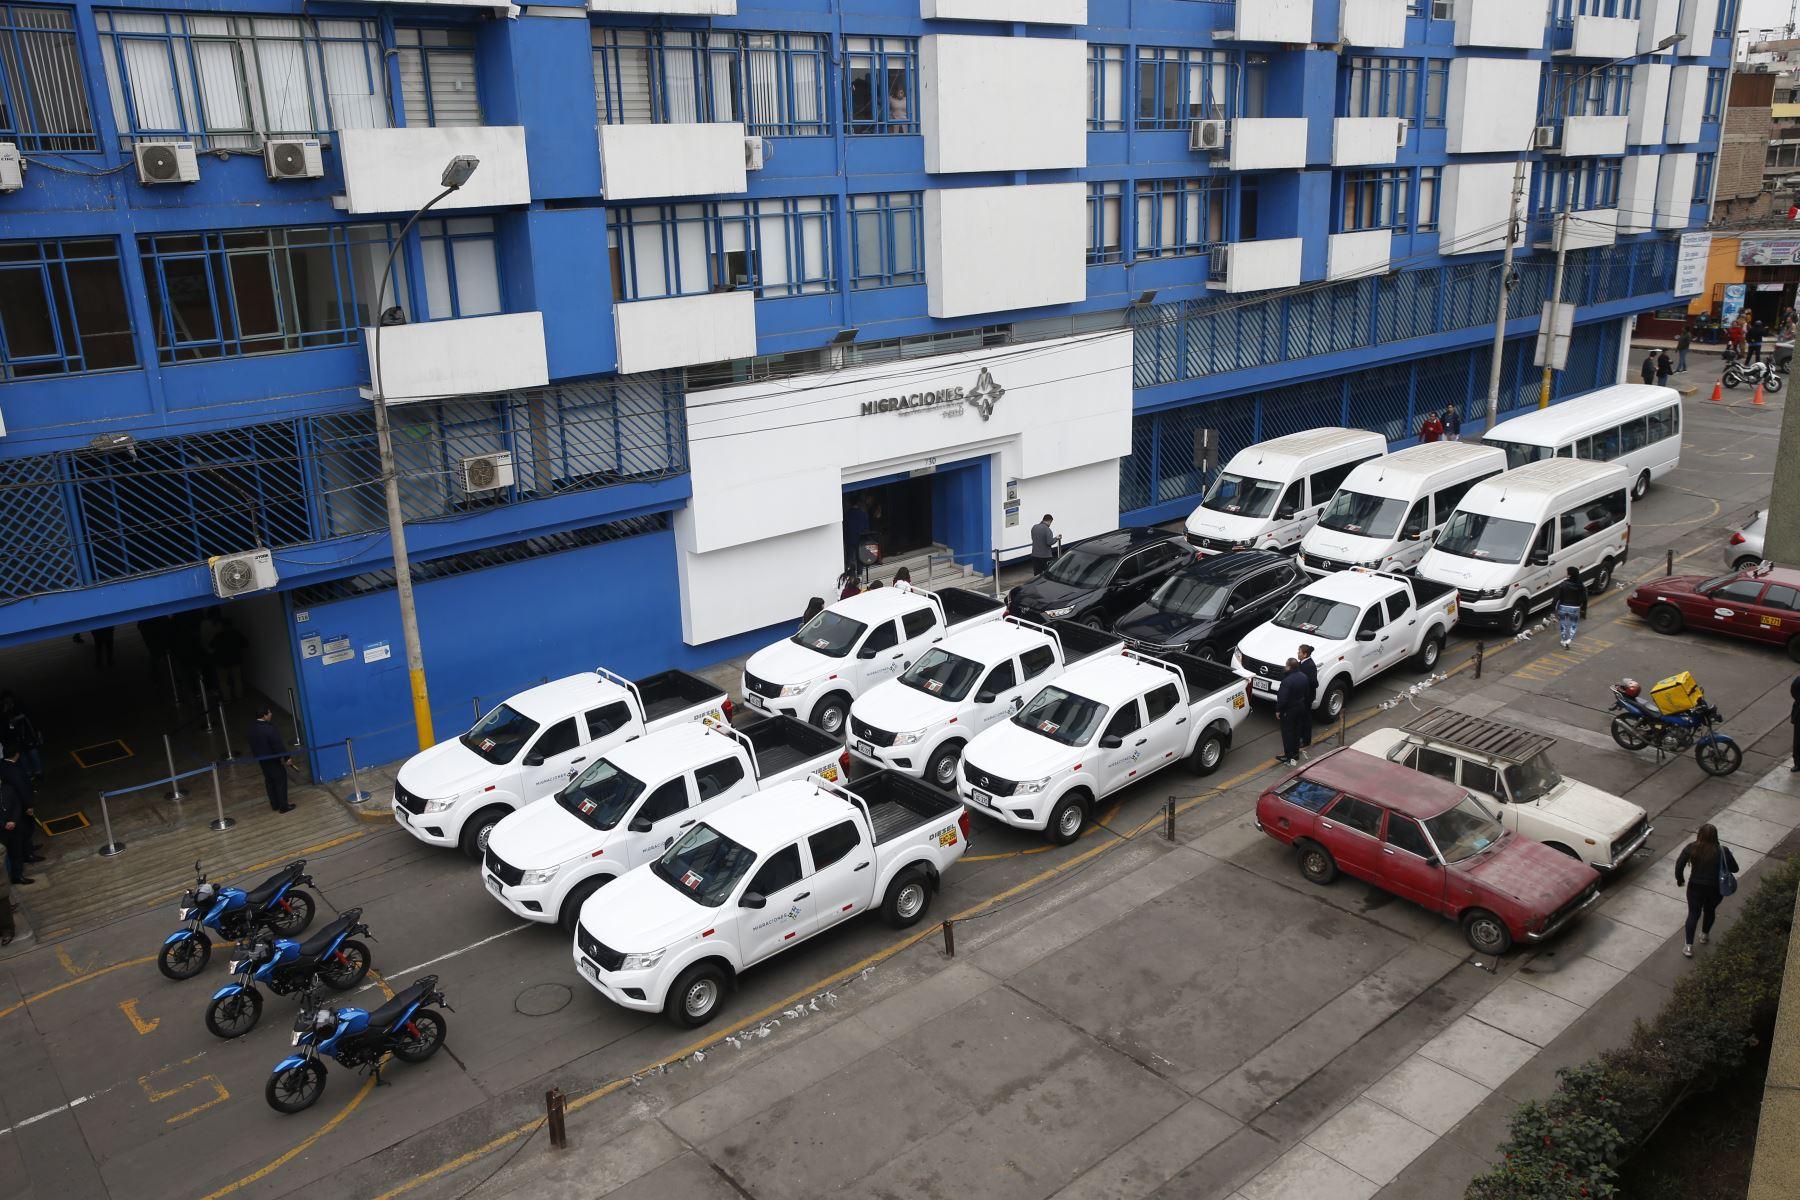 Migraciones adquiere dieciséis vehículos para fiscalización migratoria. Foto: ANDINA/Renato Pajuelo